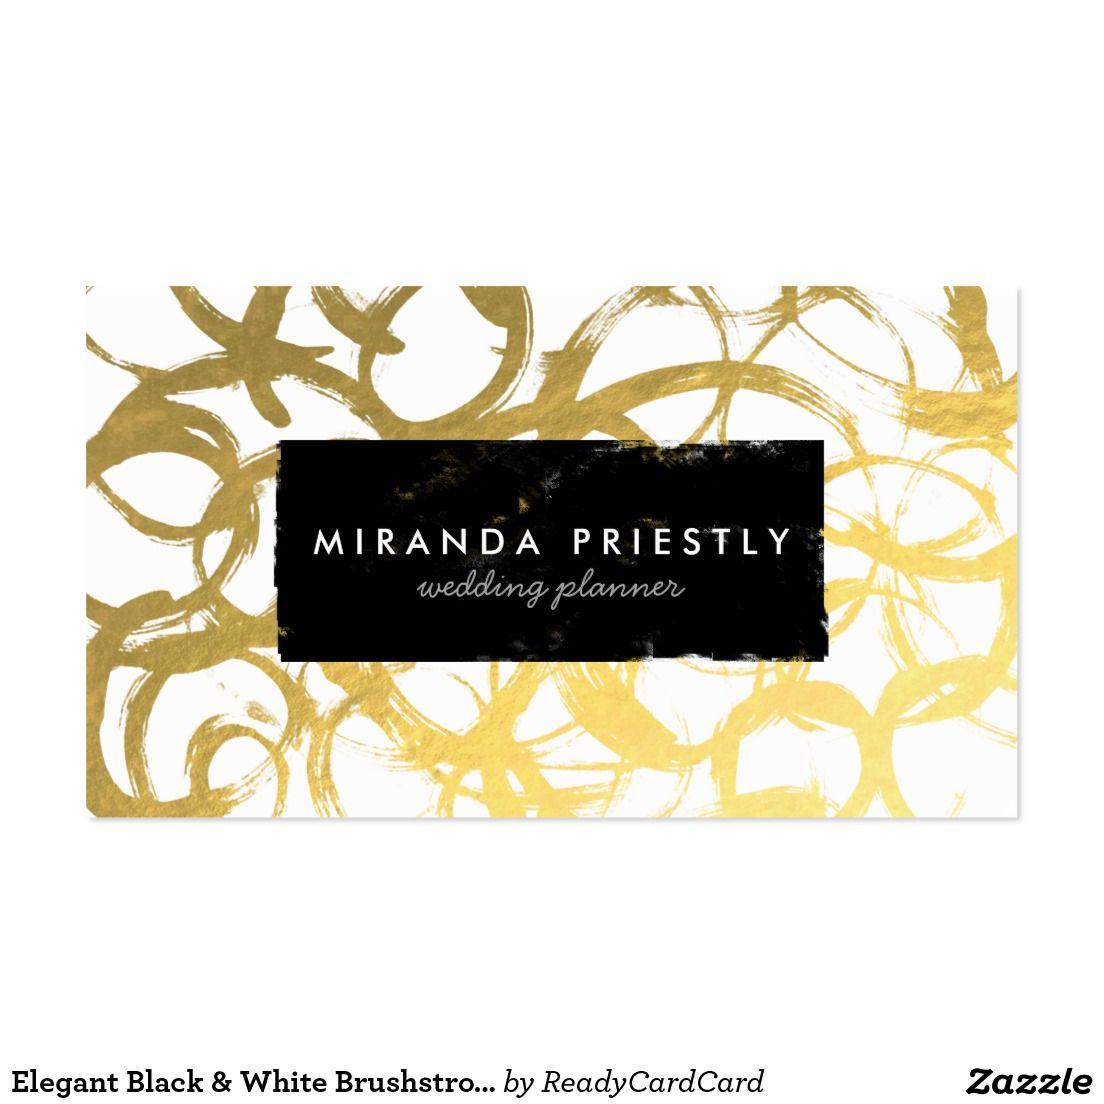 Elegant Black & White Brushstrokes Wedding Planner Business Card ...